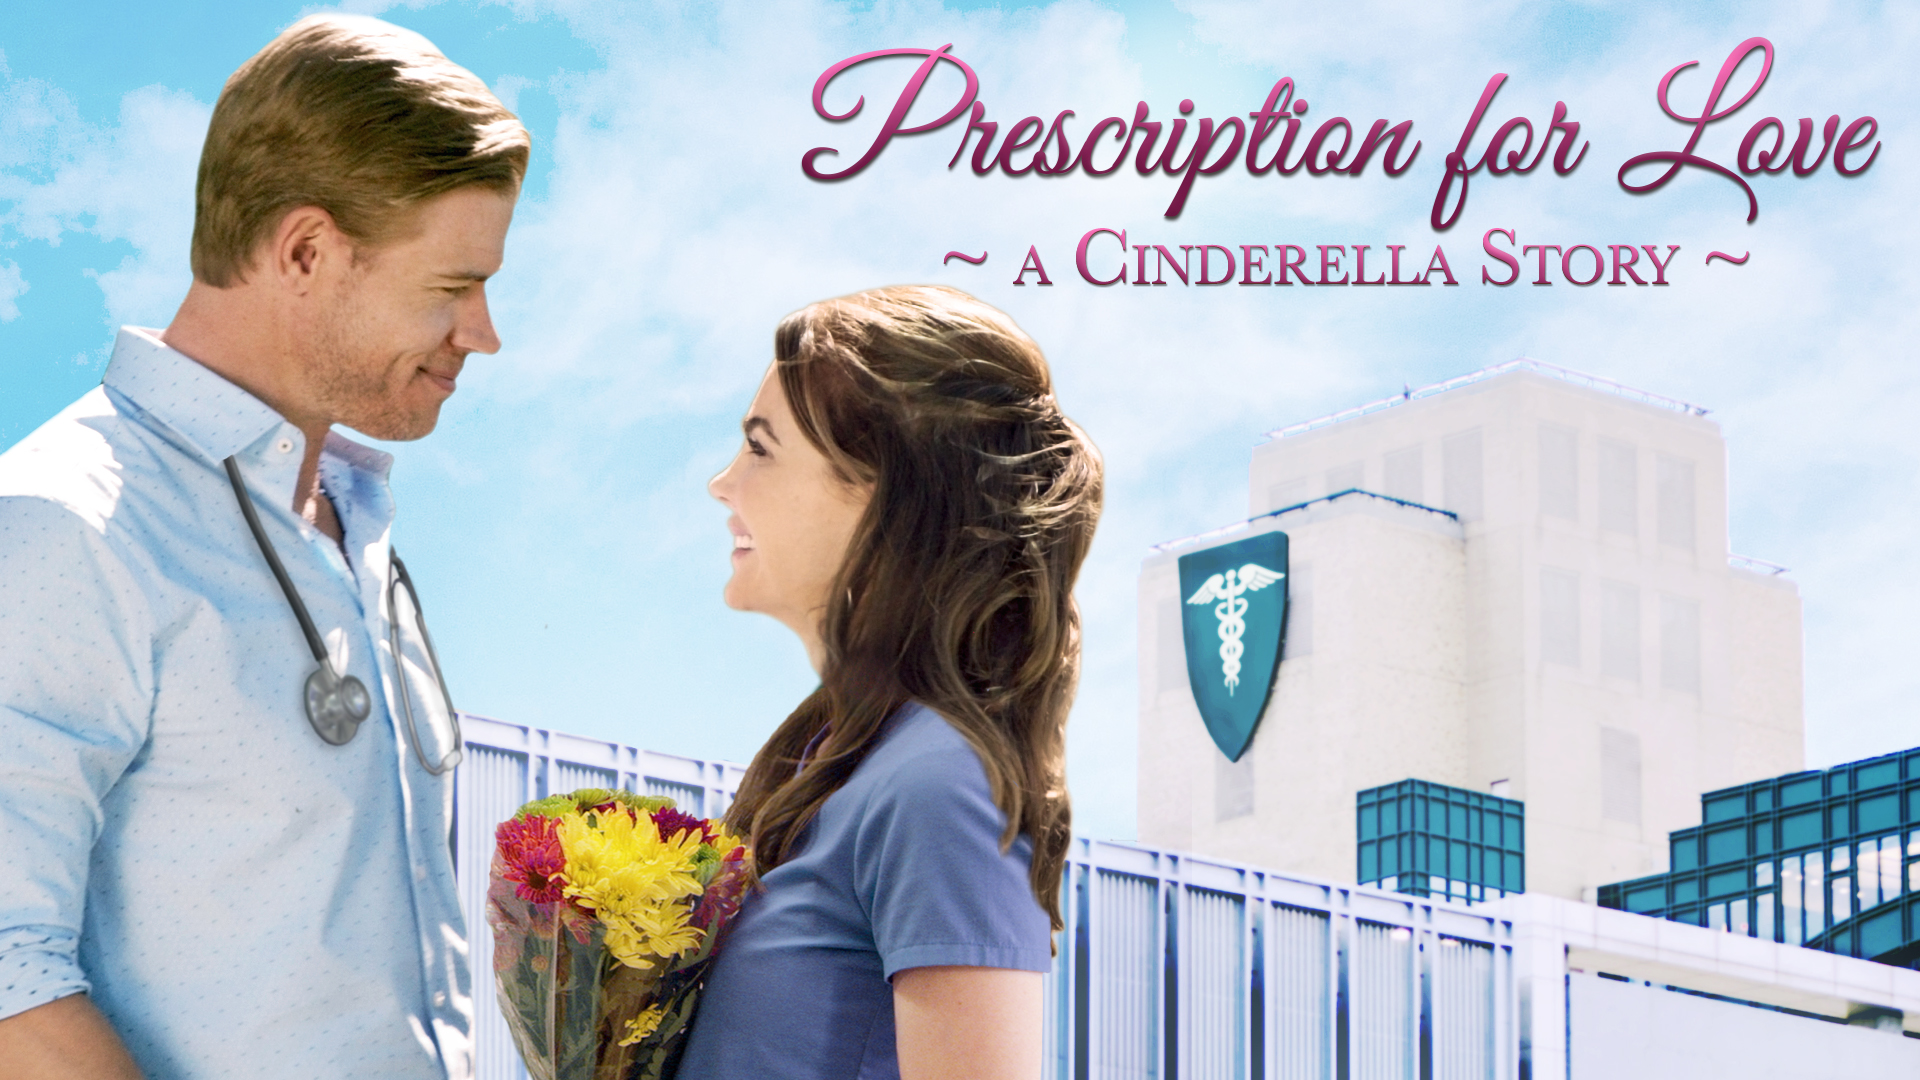 Prescription for Love: A Cinderella Story